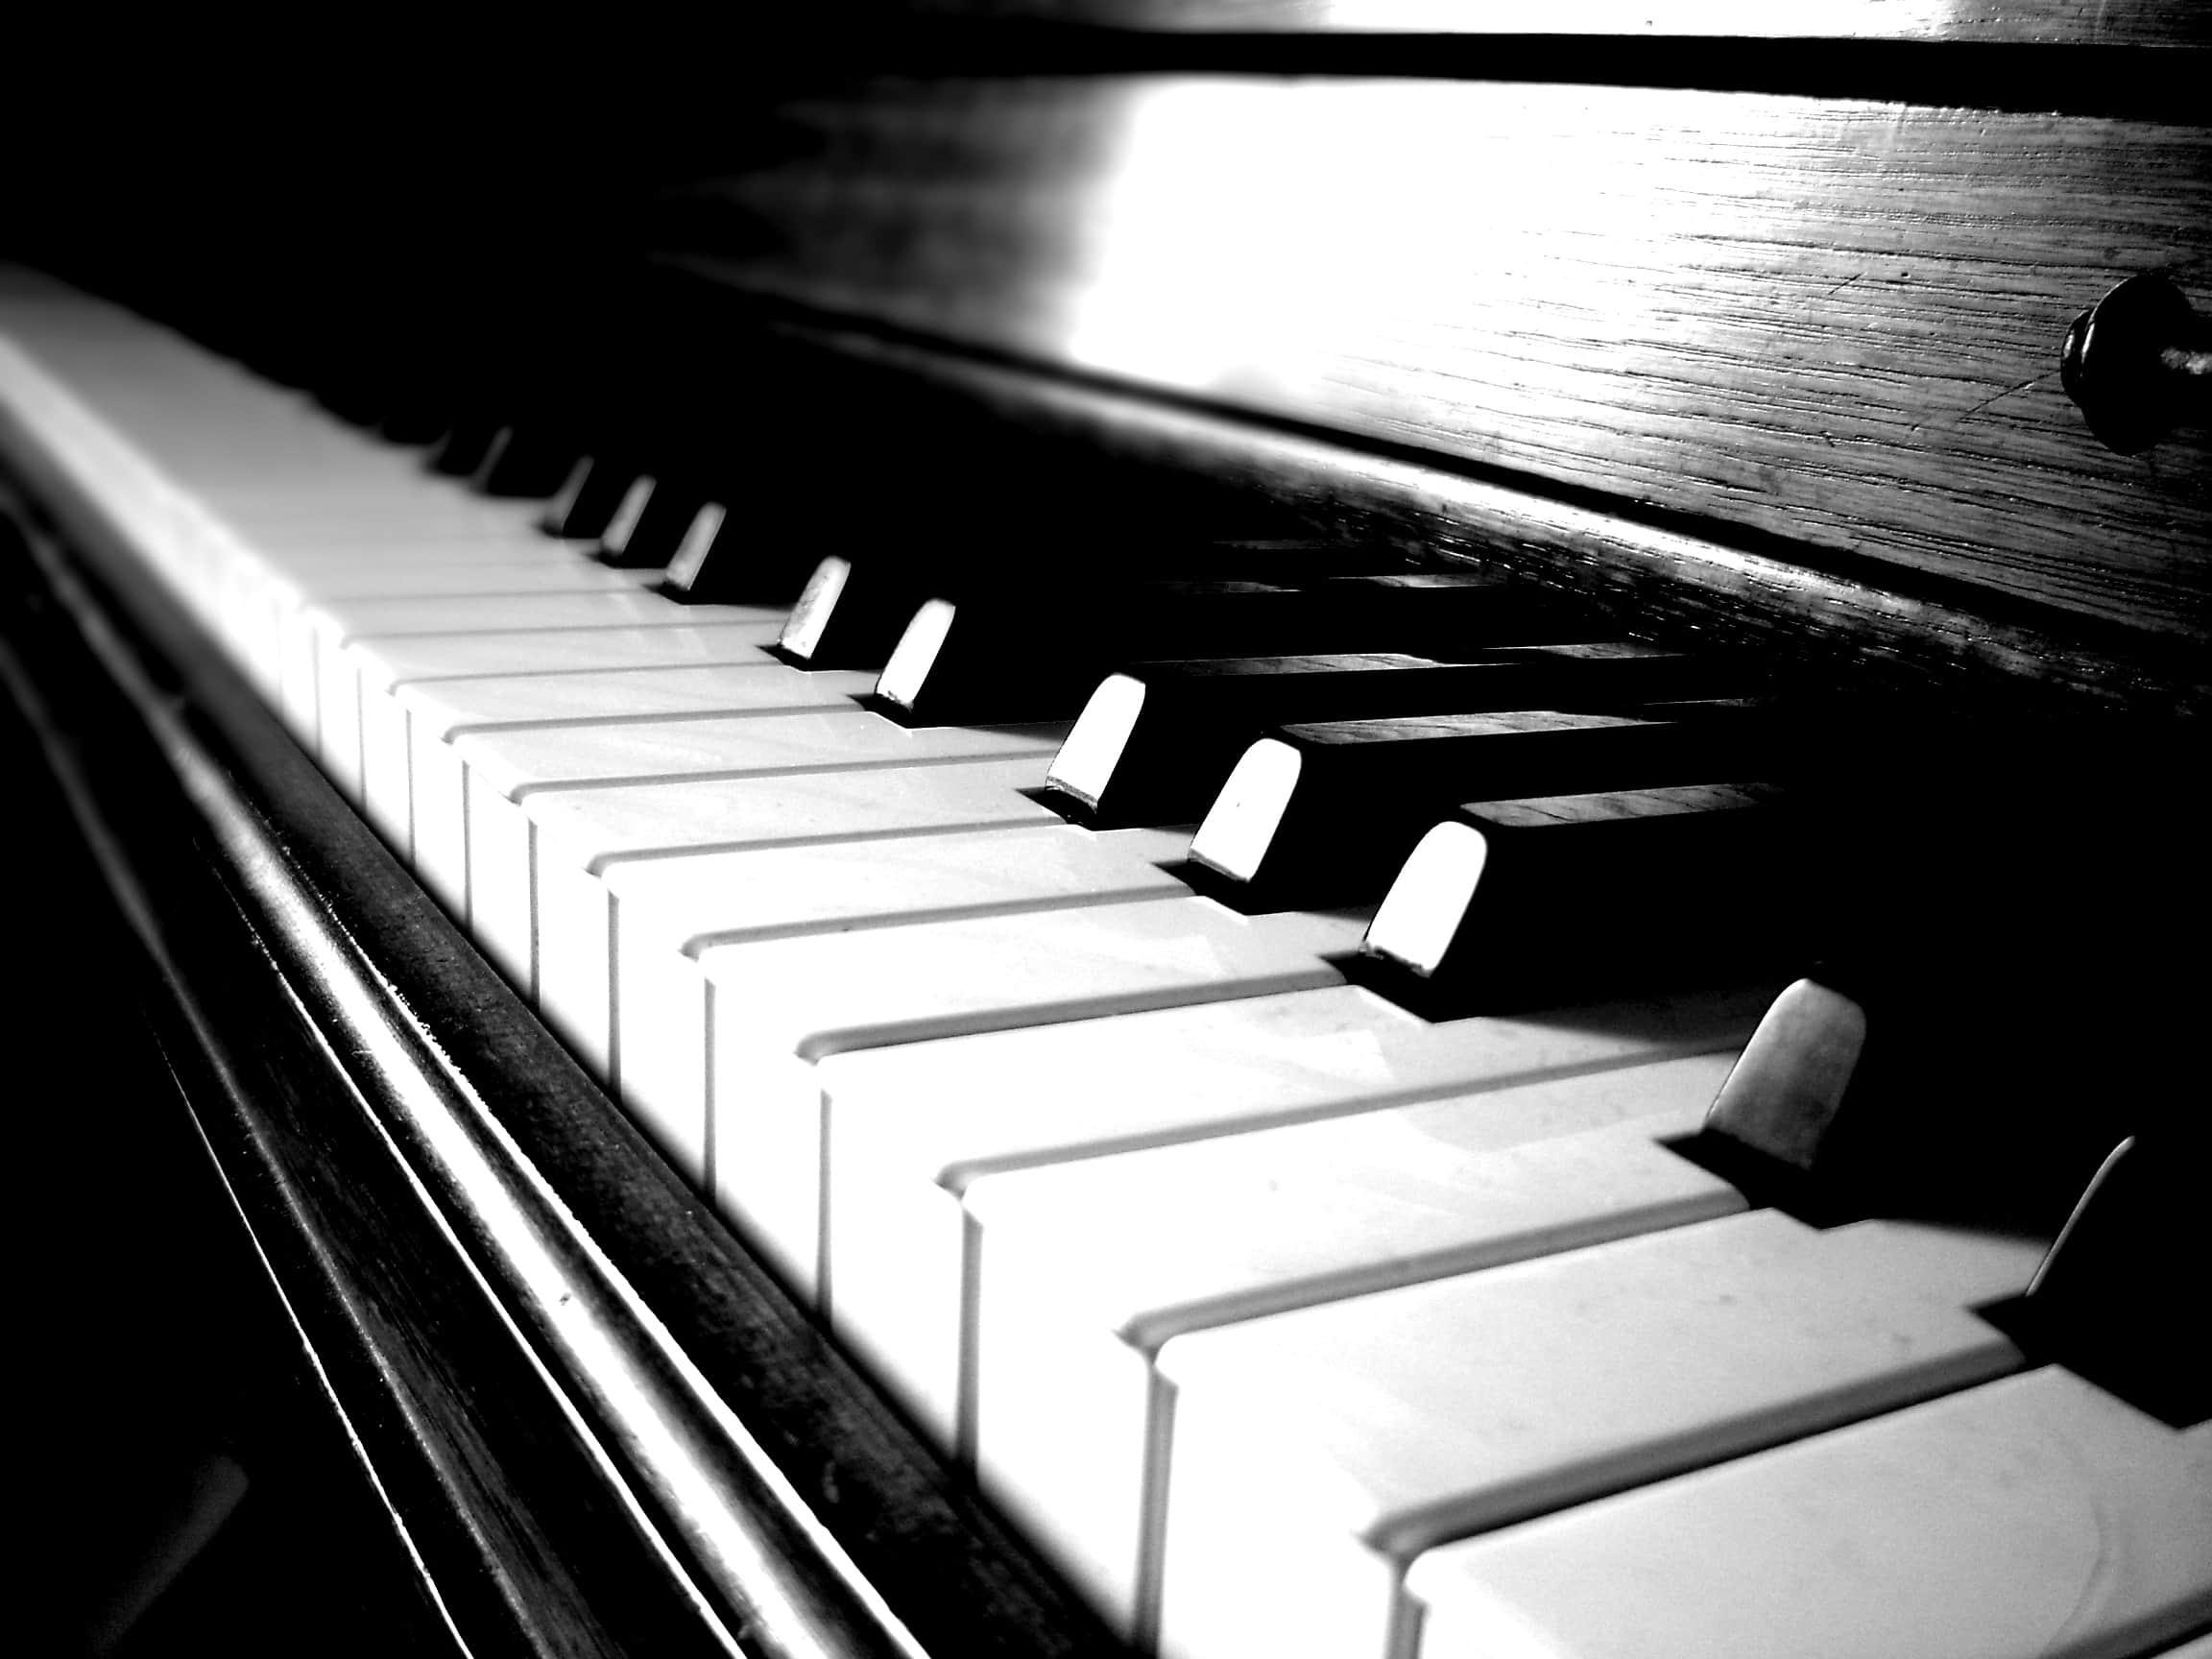 http://dannyabosch.com/wp-content/uploads/2010/08/piano-s.jpg